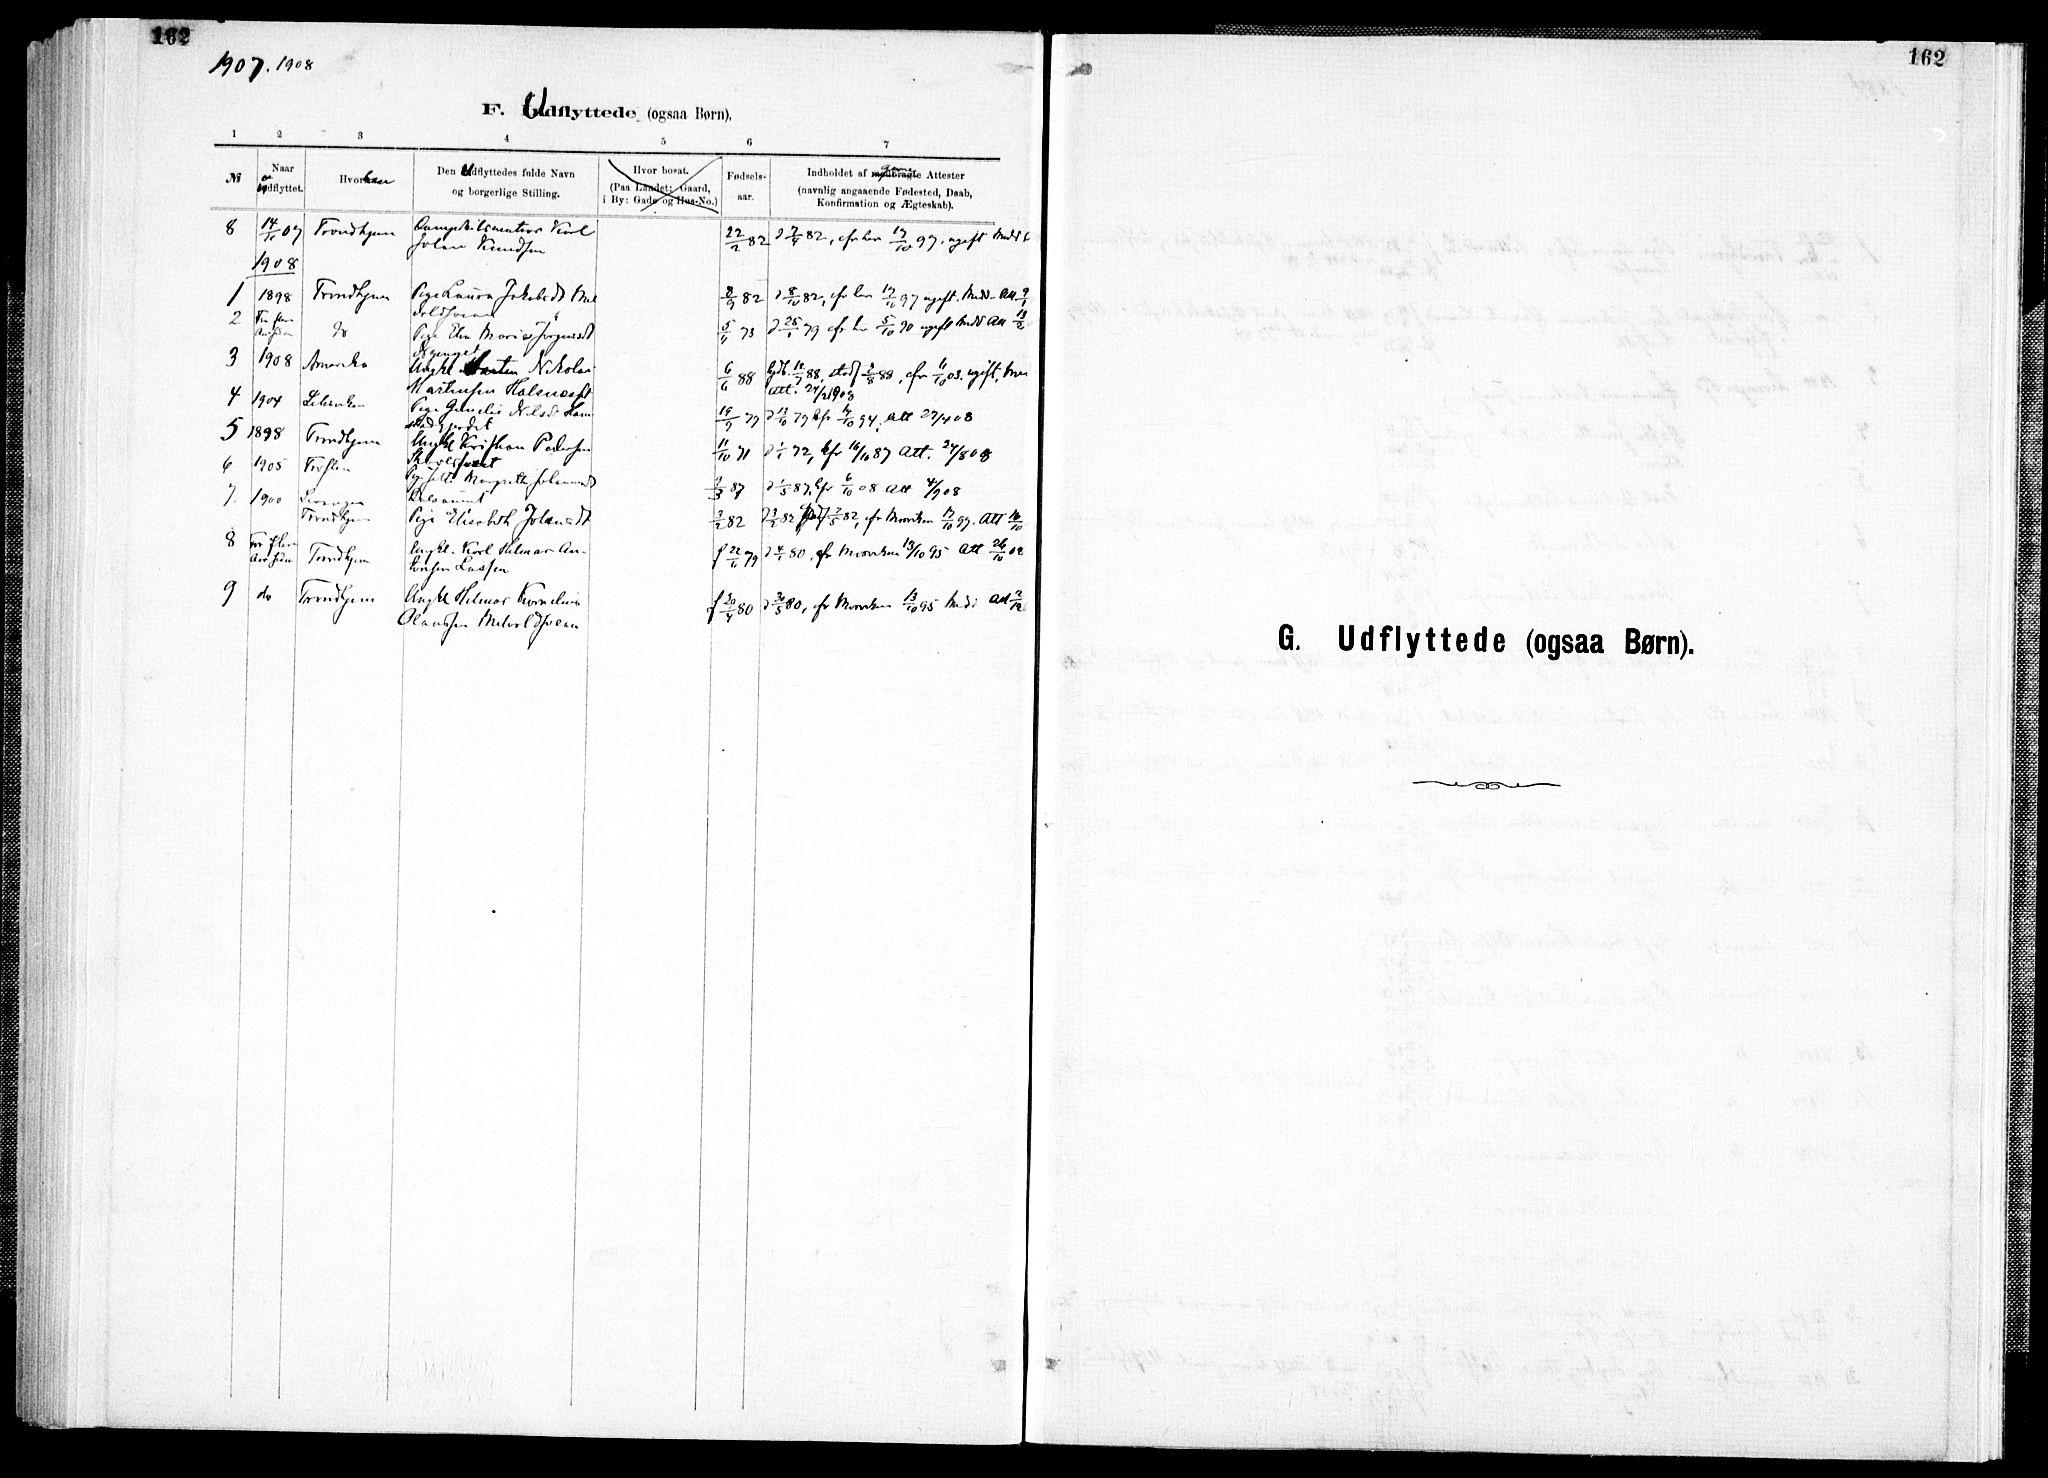 SAT, Ministerialprotokoller, klokkerbøker og fødselsregistre - Nord-Trøndelag, 733/L0325: Ministerialbok nr. 733A04, 1884-1908, s. 162